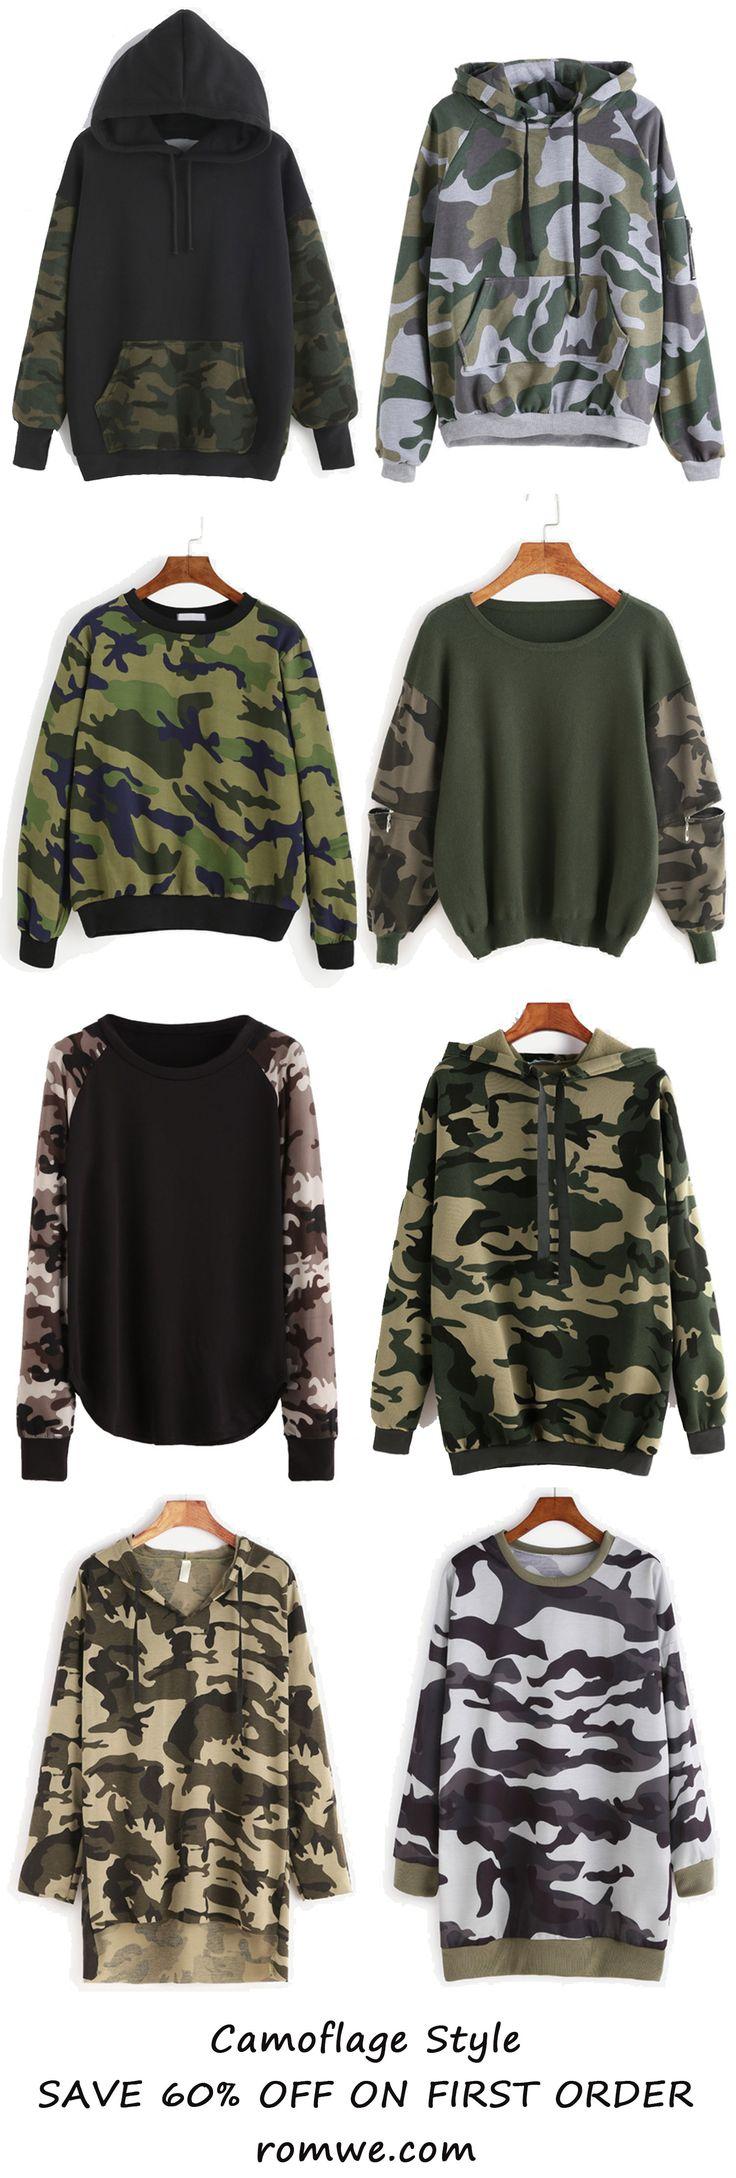 Camoflage Style - romwe.com